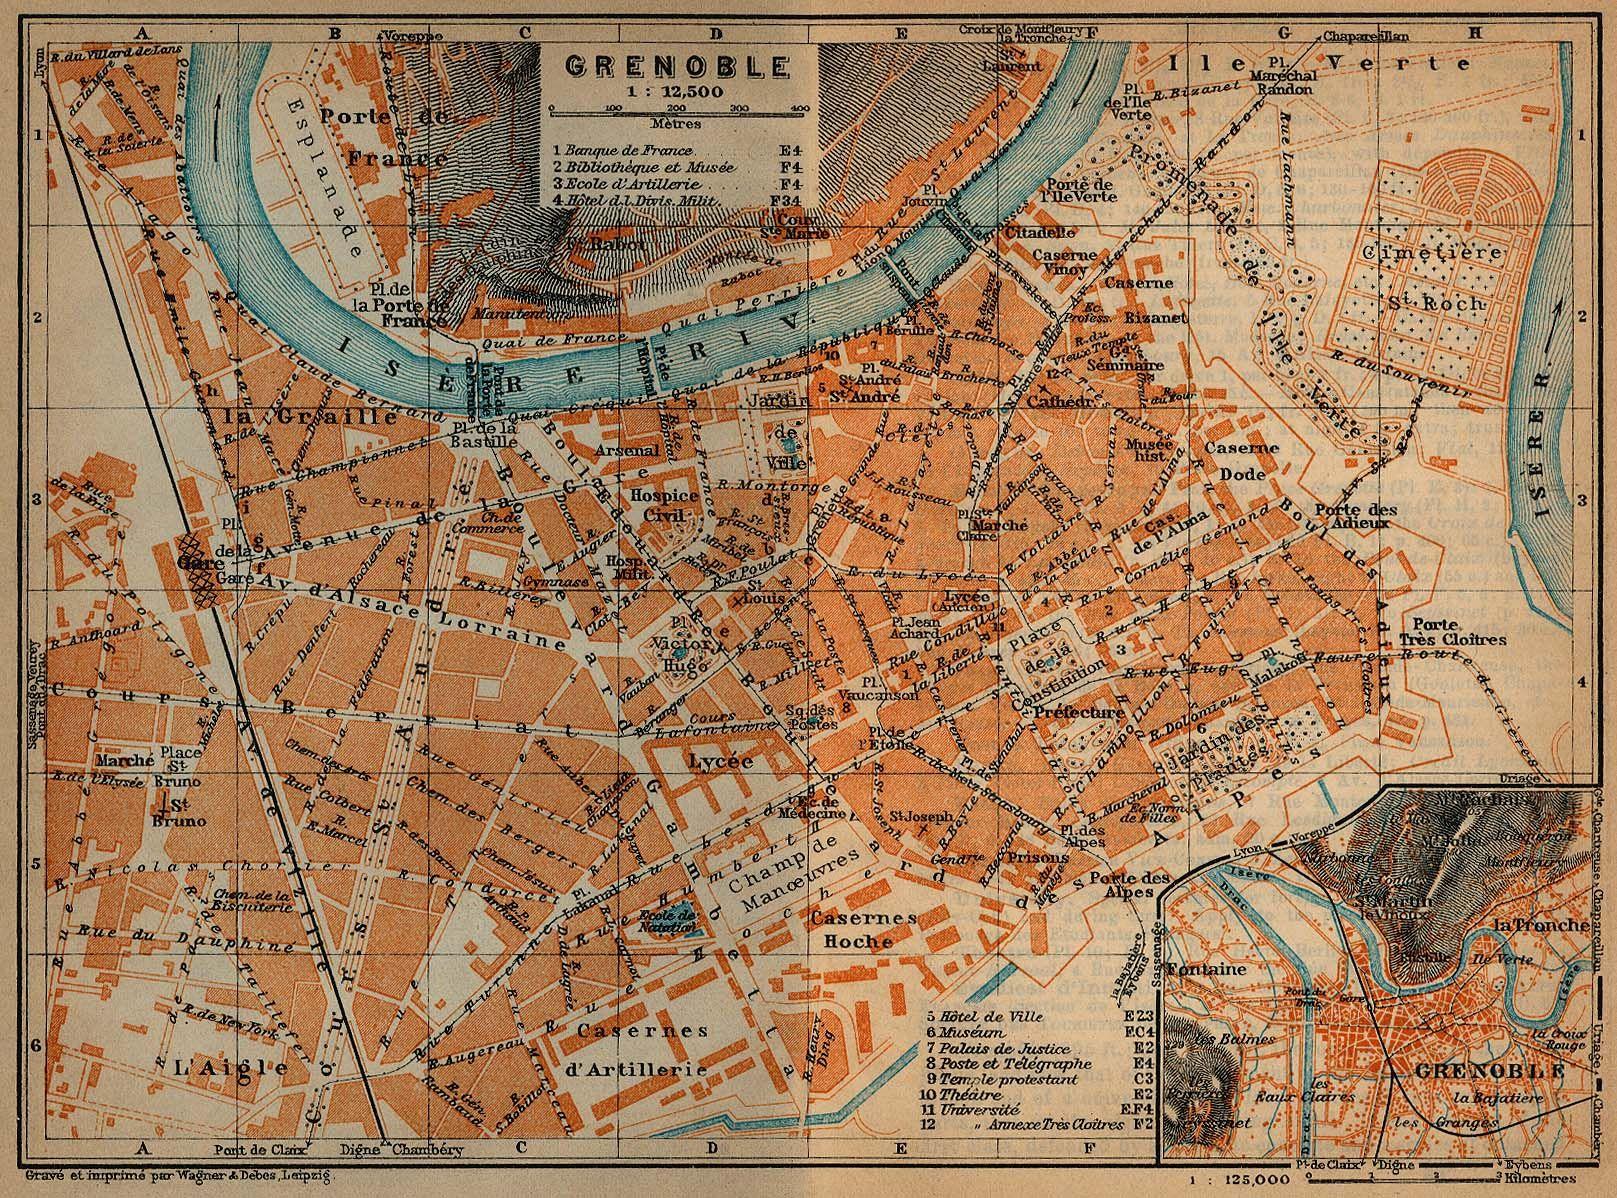 grenoble france map